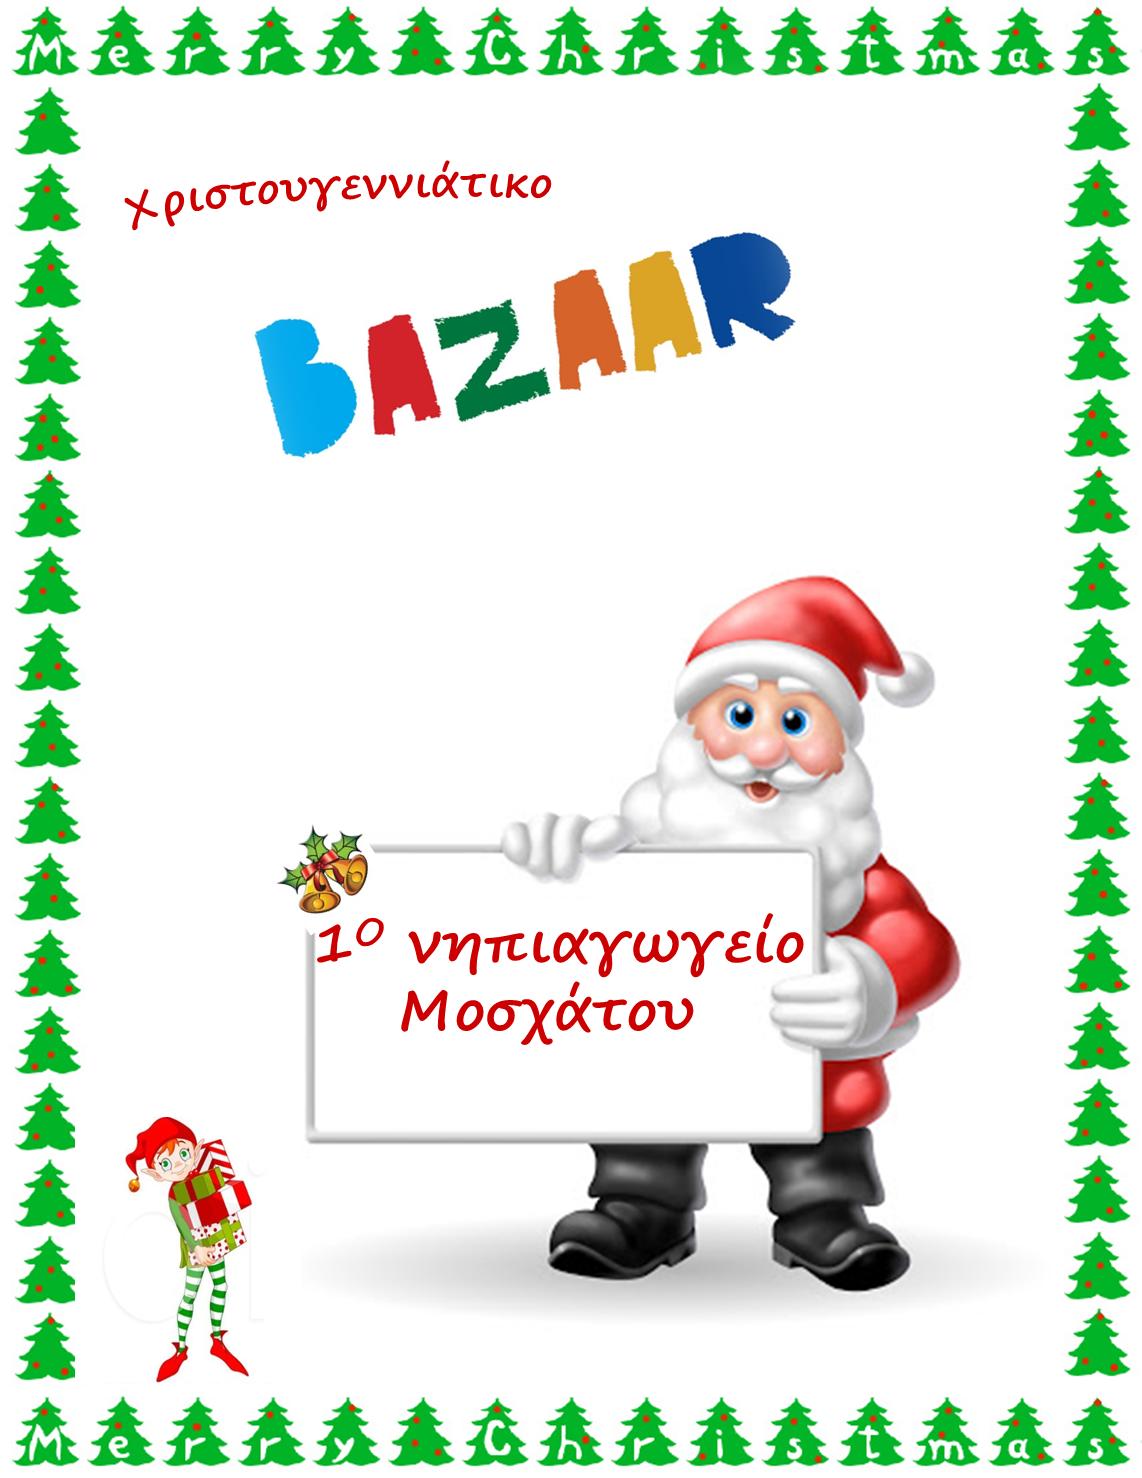 http://pnoestexnis.blogspot.gr/